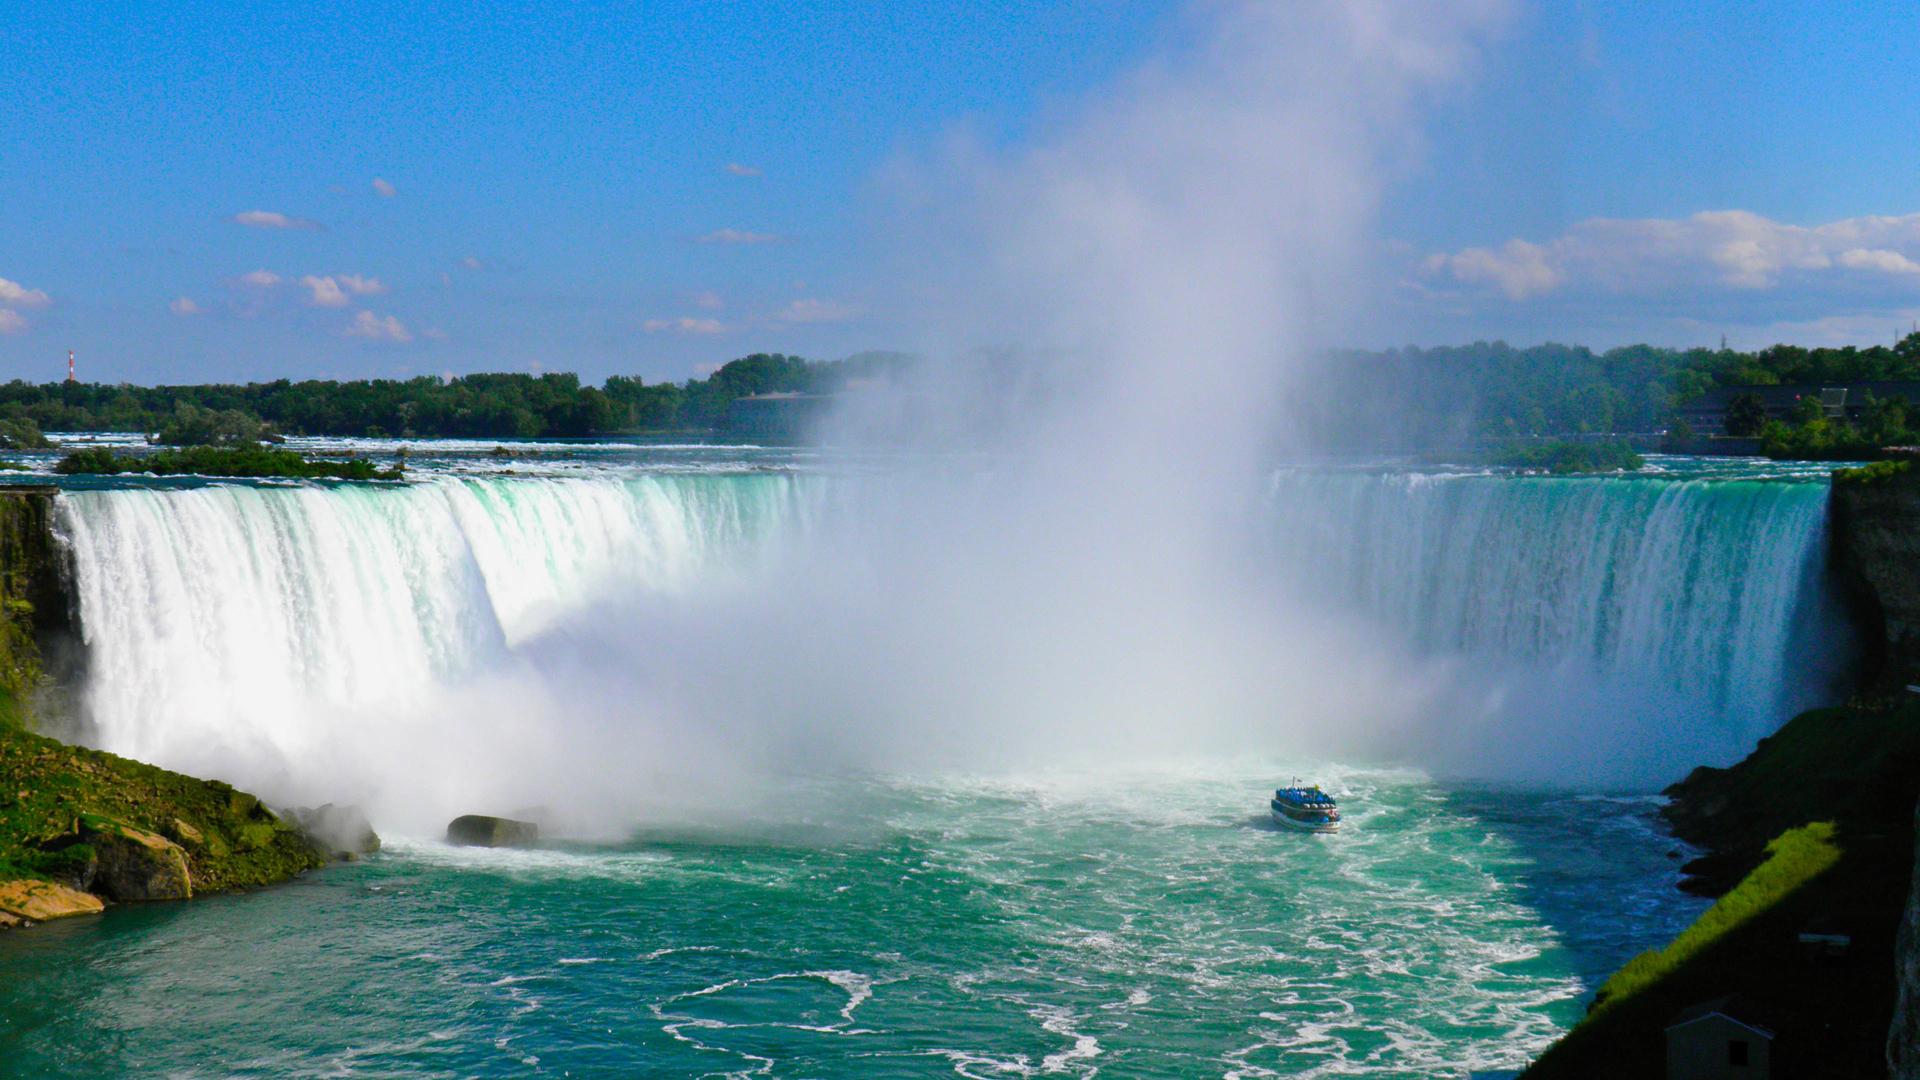 Niagara Falls, Spas of Niagara, Healthy Living and Travel, Ontario